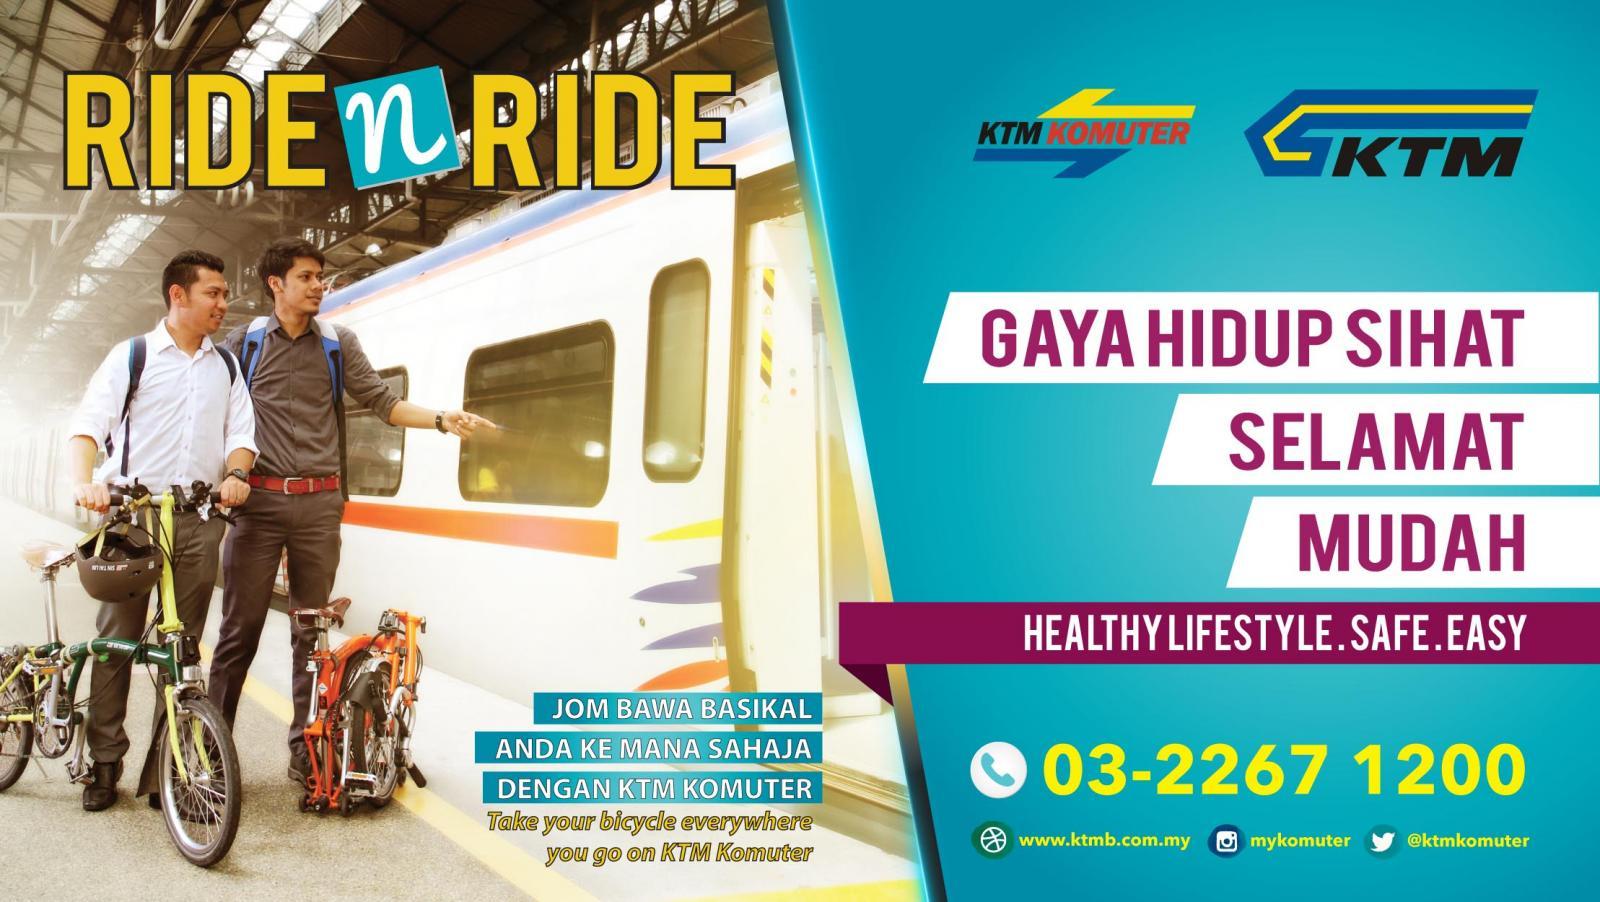 Keretapi Tanah Melayu Ride